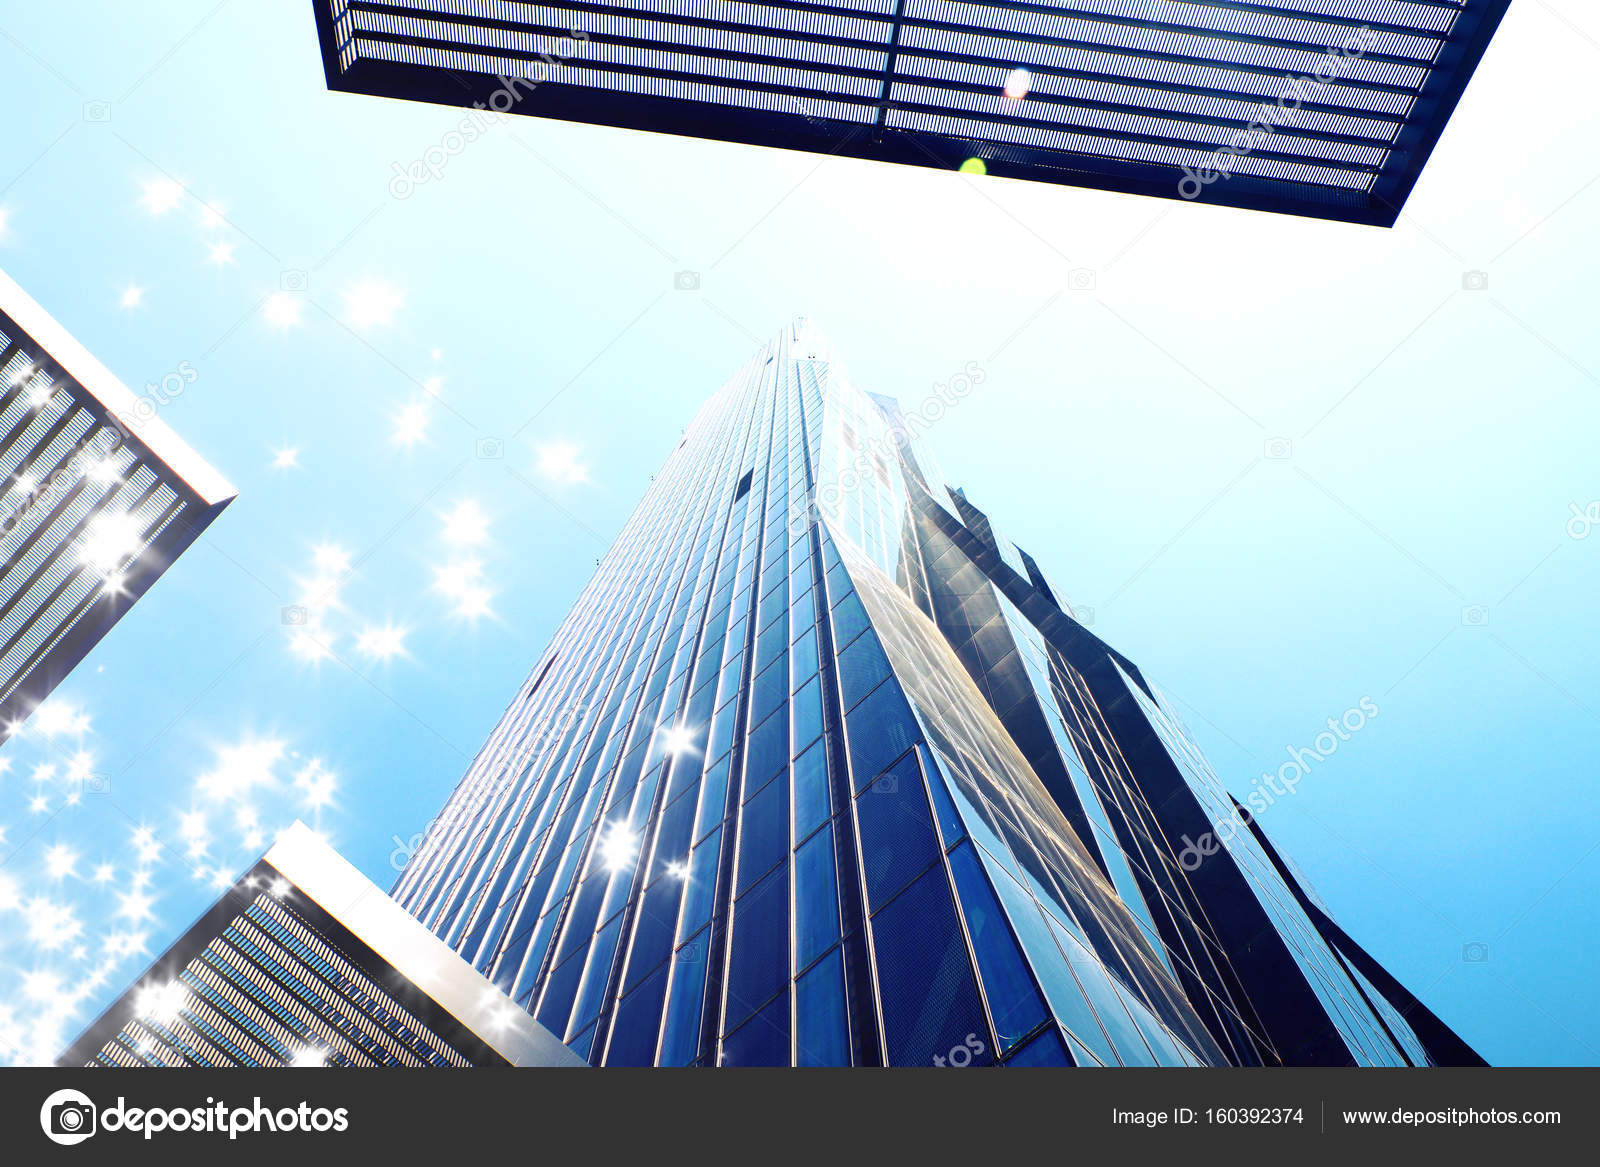 Leed or pour une tour de bureaux d ivanhoé cambridge à vancouver